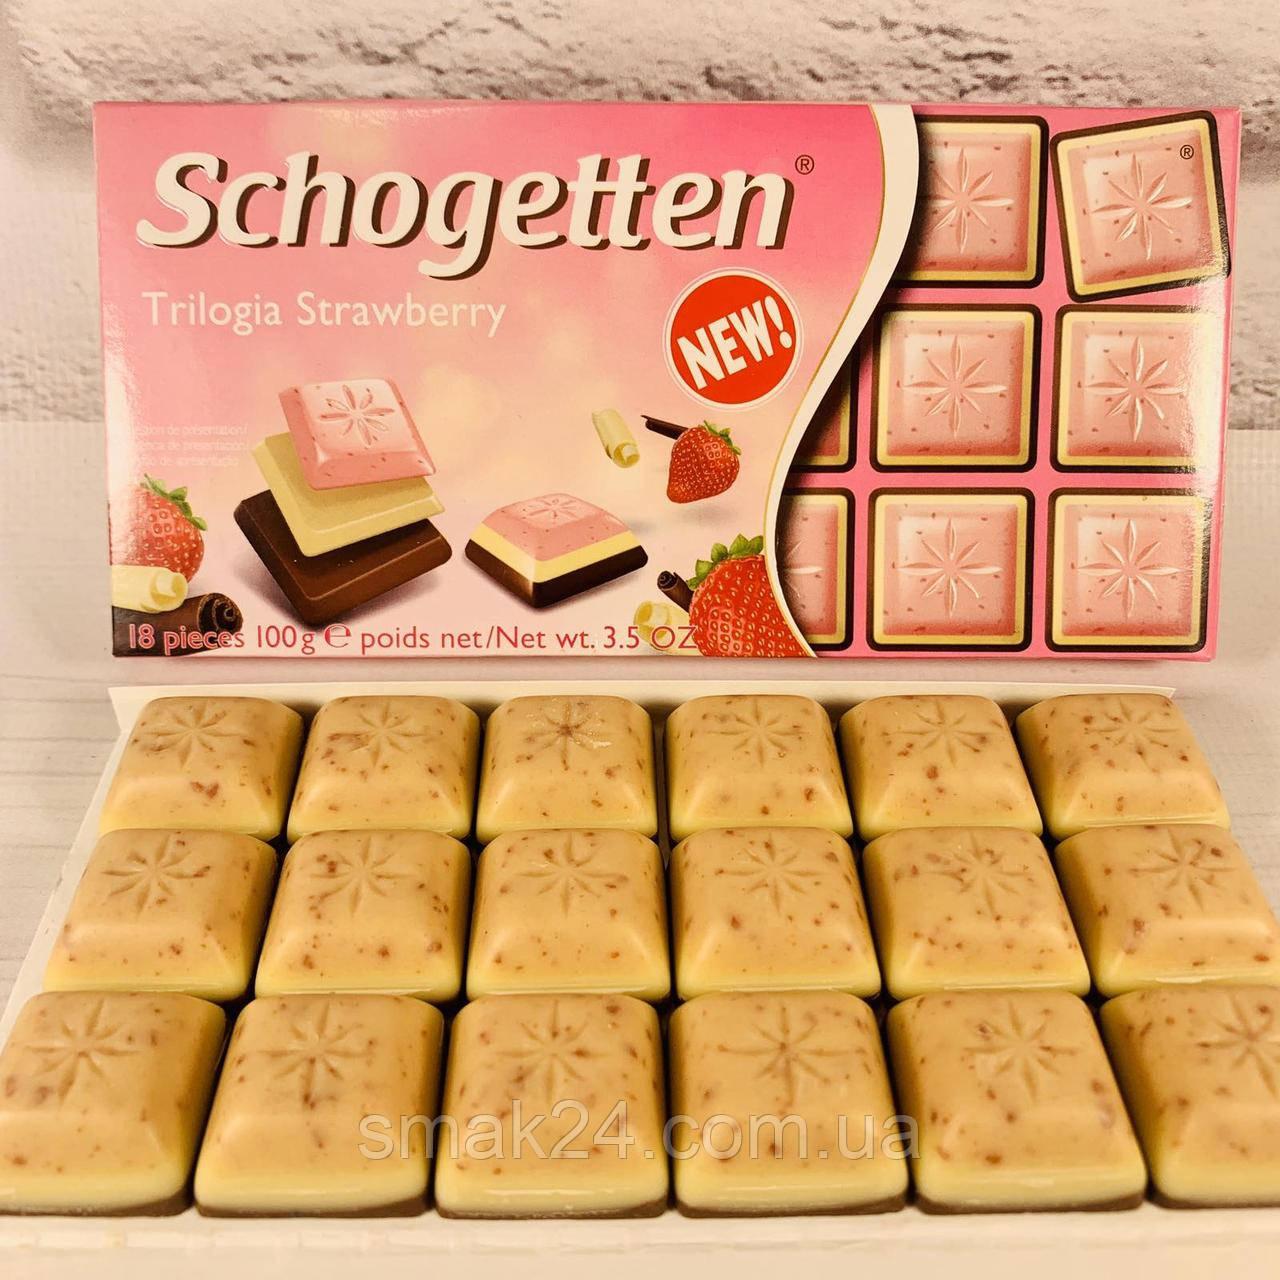 Шоколад Schogetten Trilogia Strawberry ( Трилогия клубника), Германия, 100 г